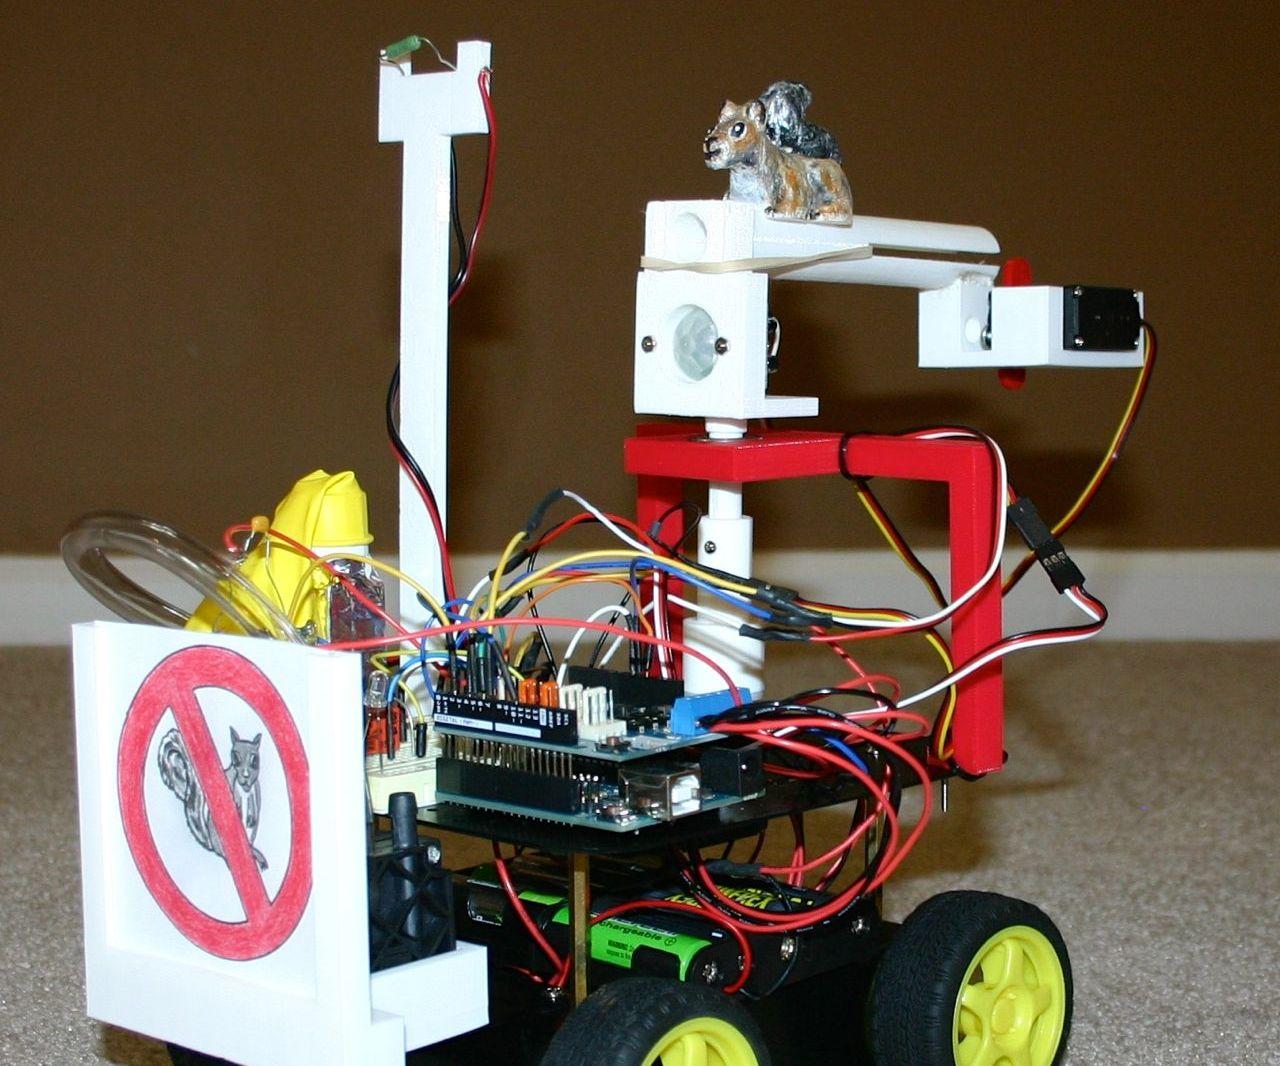 Squirrel Chasing Robot